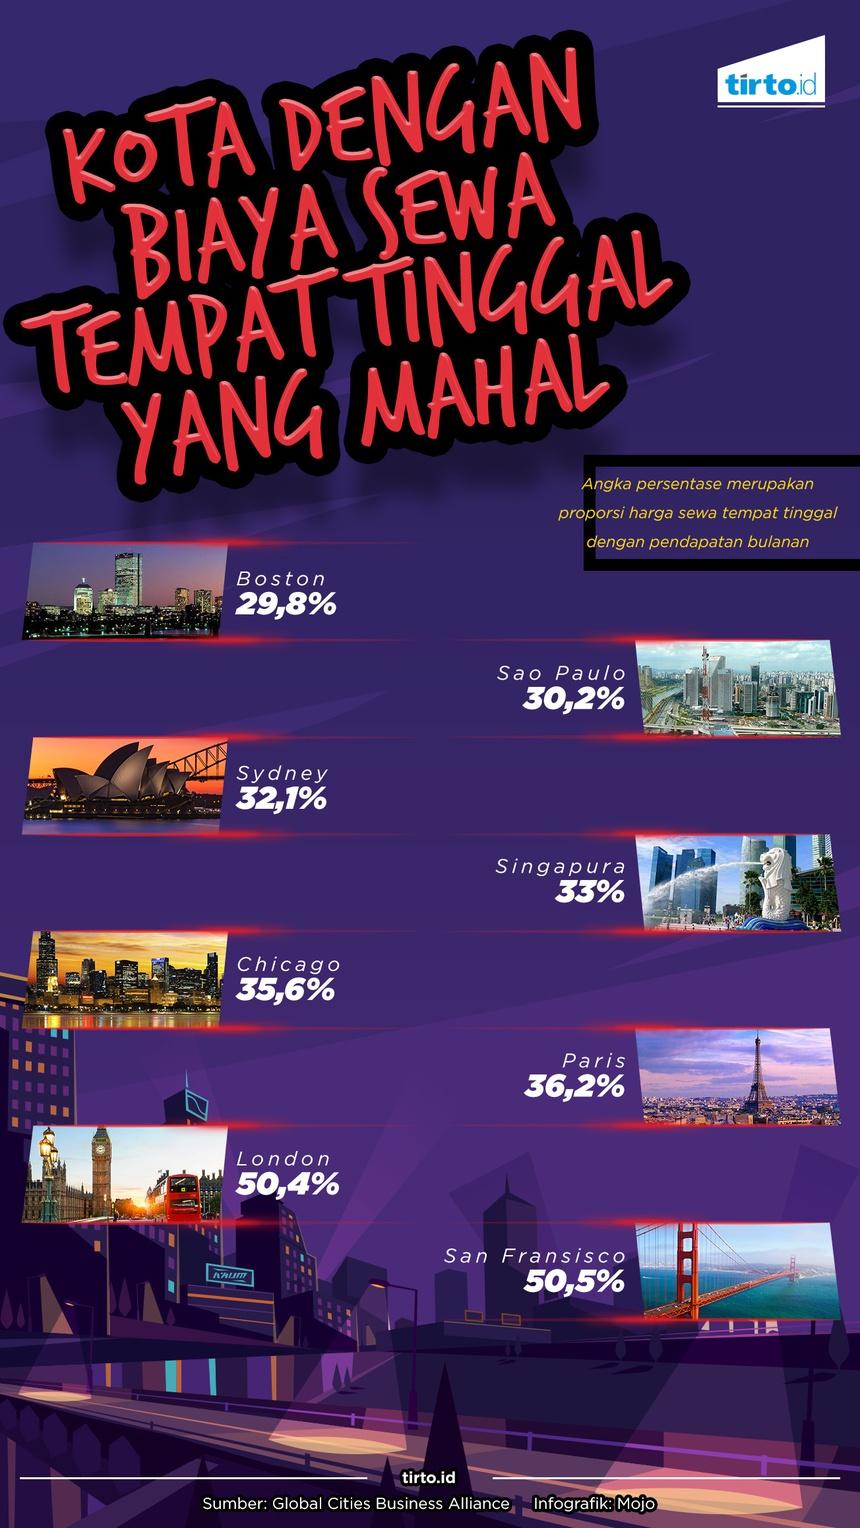 Kota Dengan Biaya Sewa Tempat Tinggal Yang Mahal